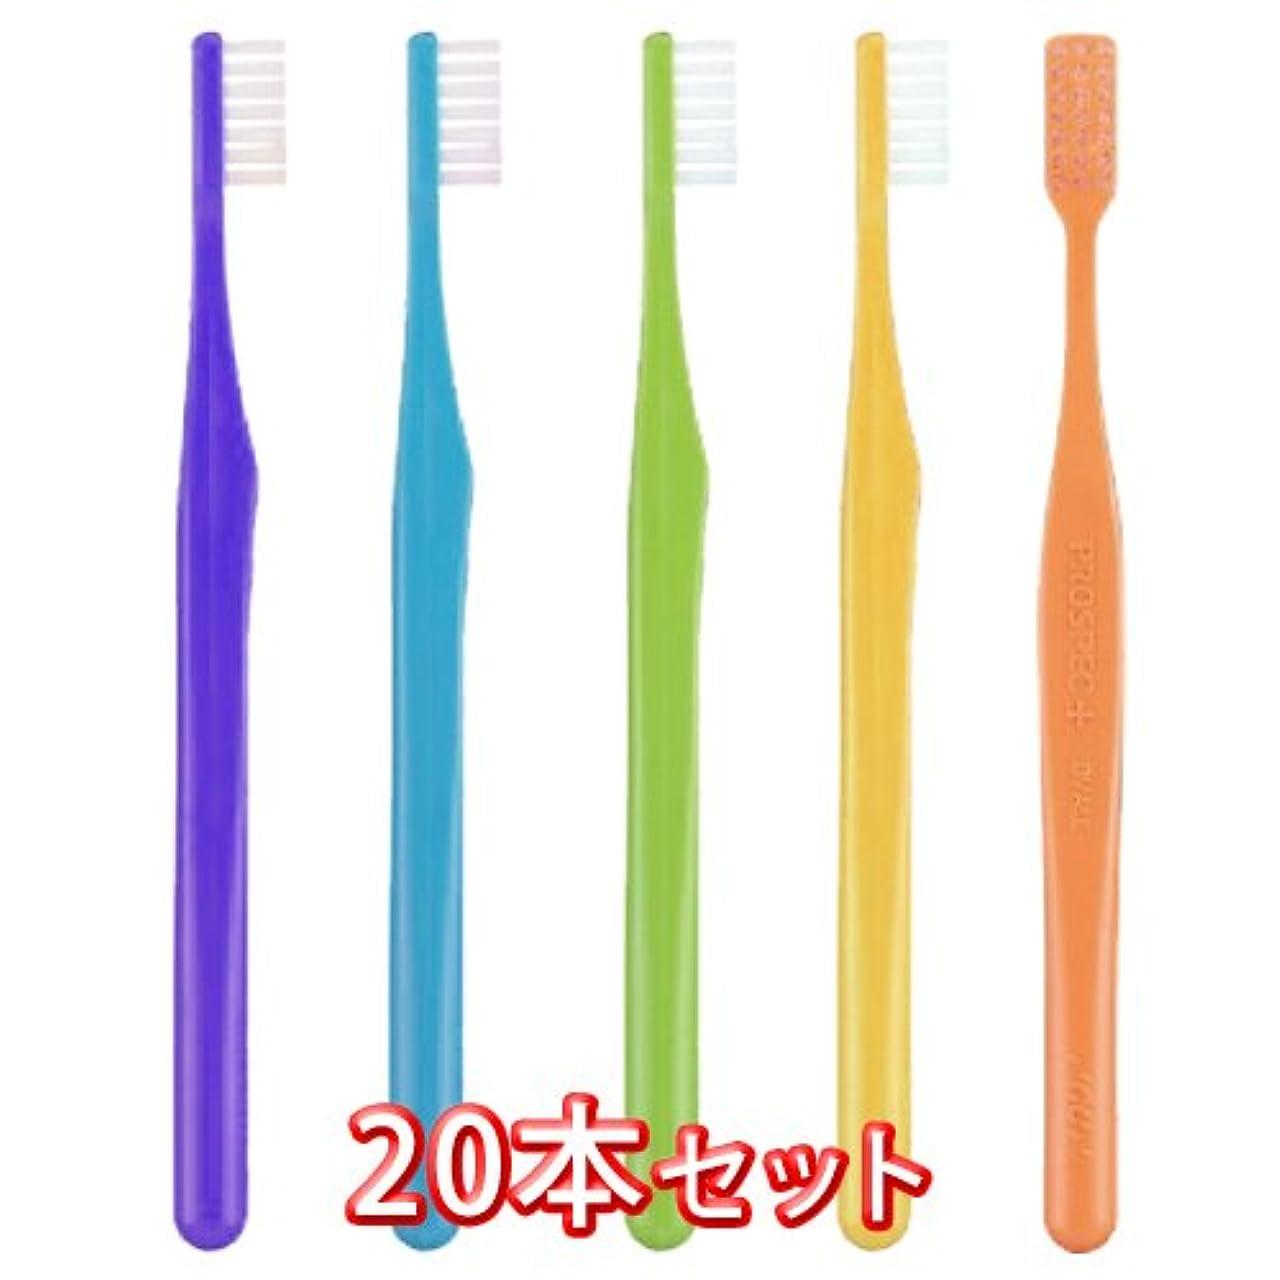 クランプ私達医薬プロスペック プラス 歯ブラシ 20本入 スモール